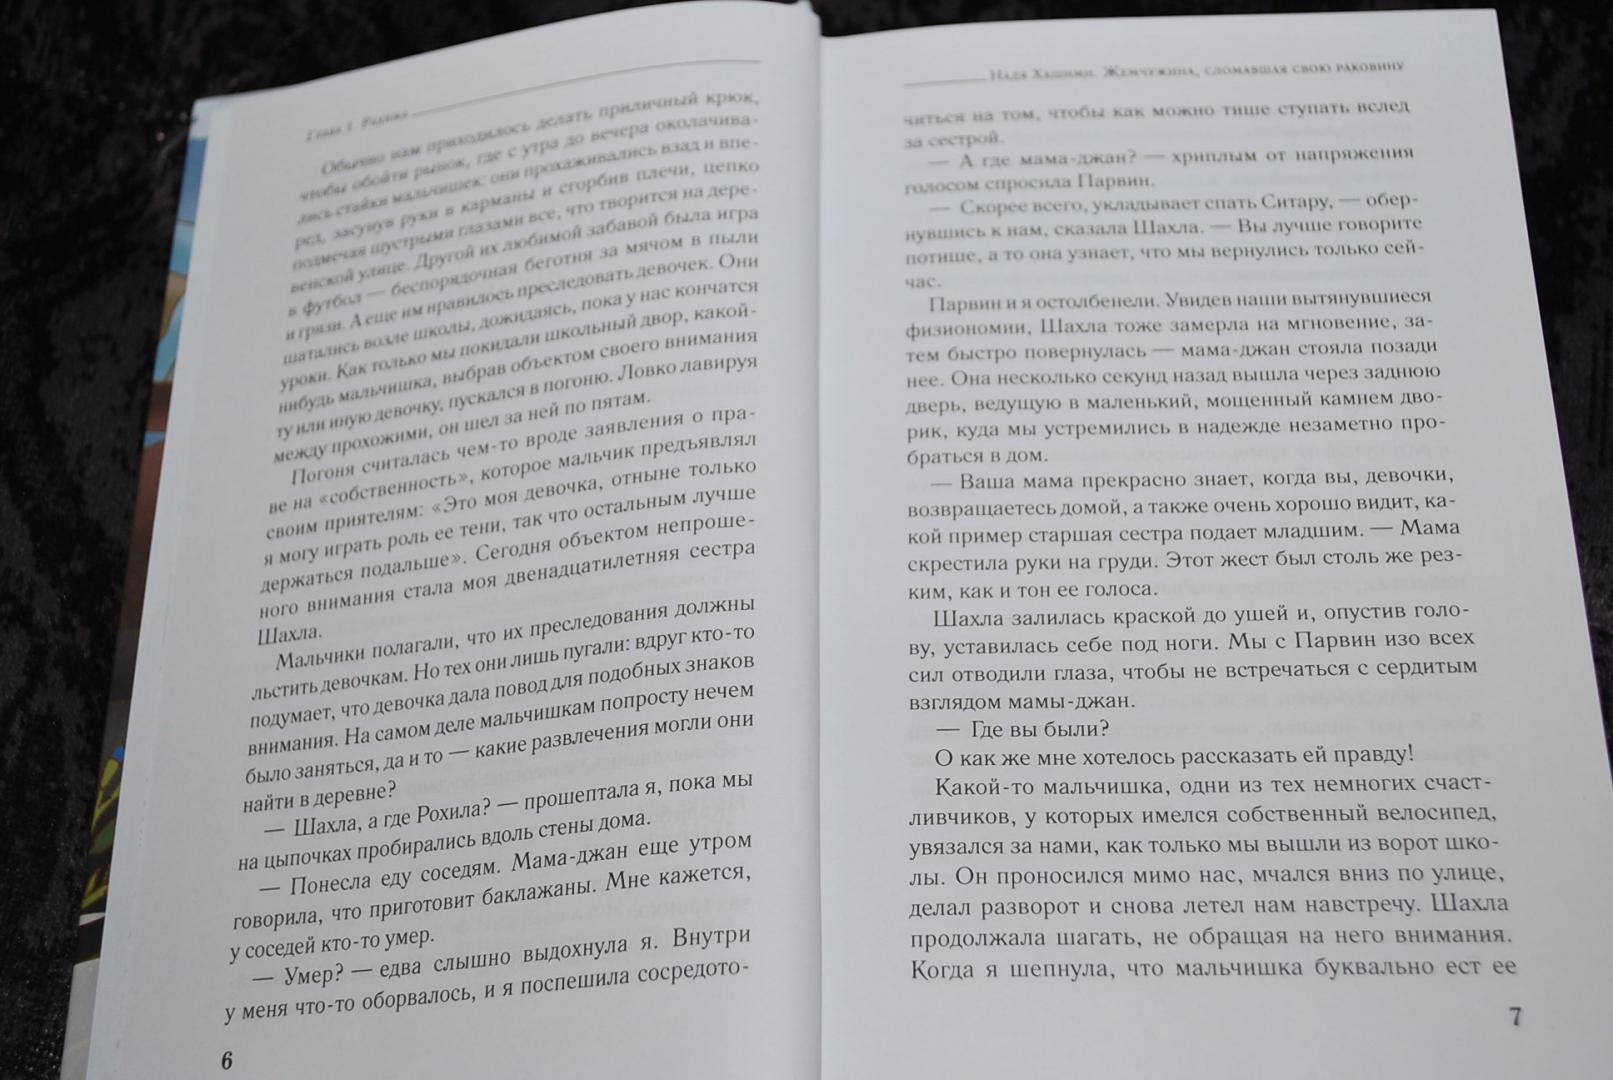 Иллюстрация 19 из 33 для Жемчужина, сломавшая свою раковину - Надя Хашими   Лабиринт - книги. Источник: Нади